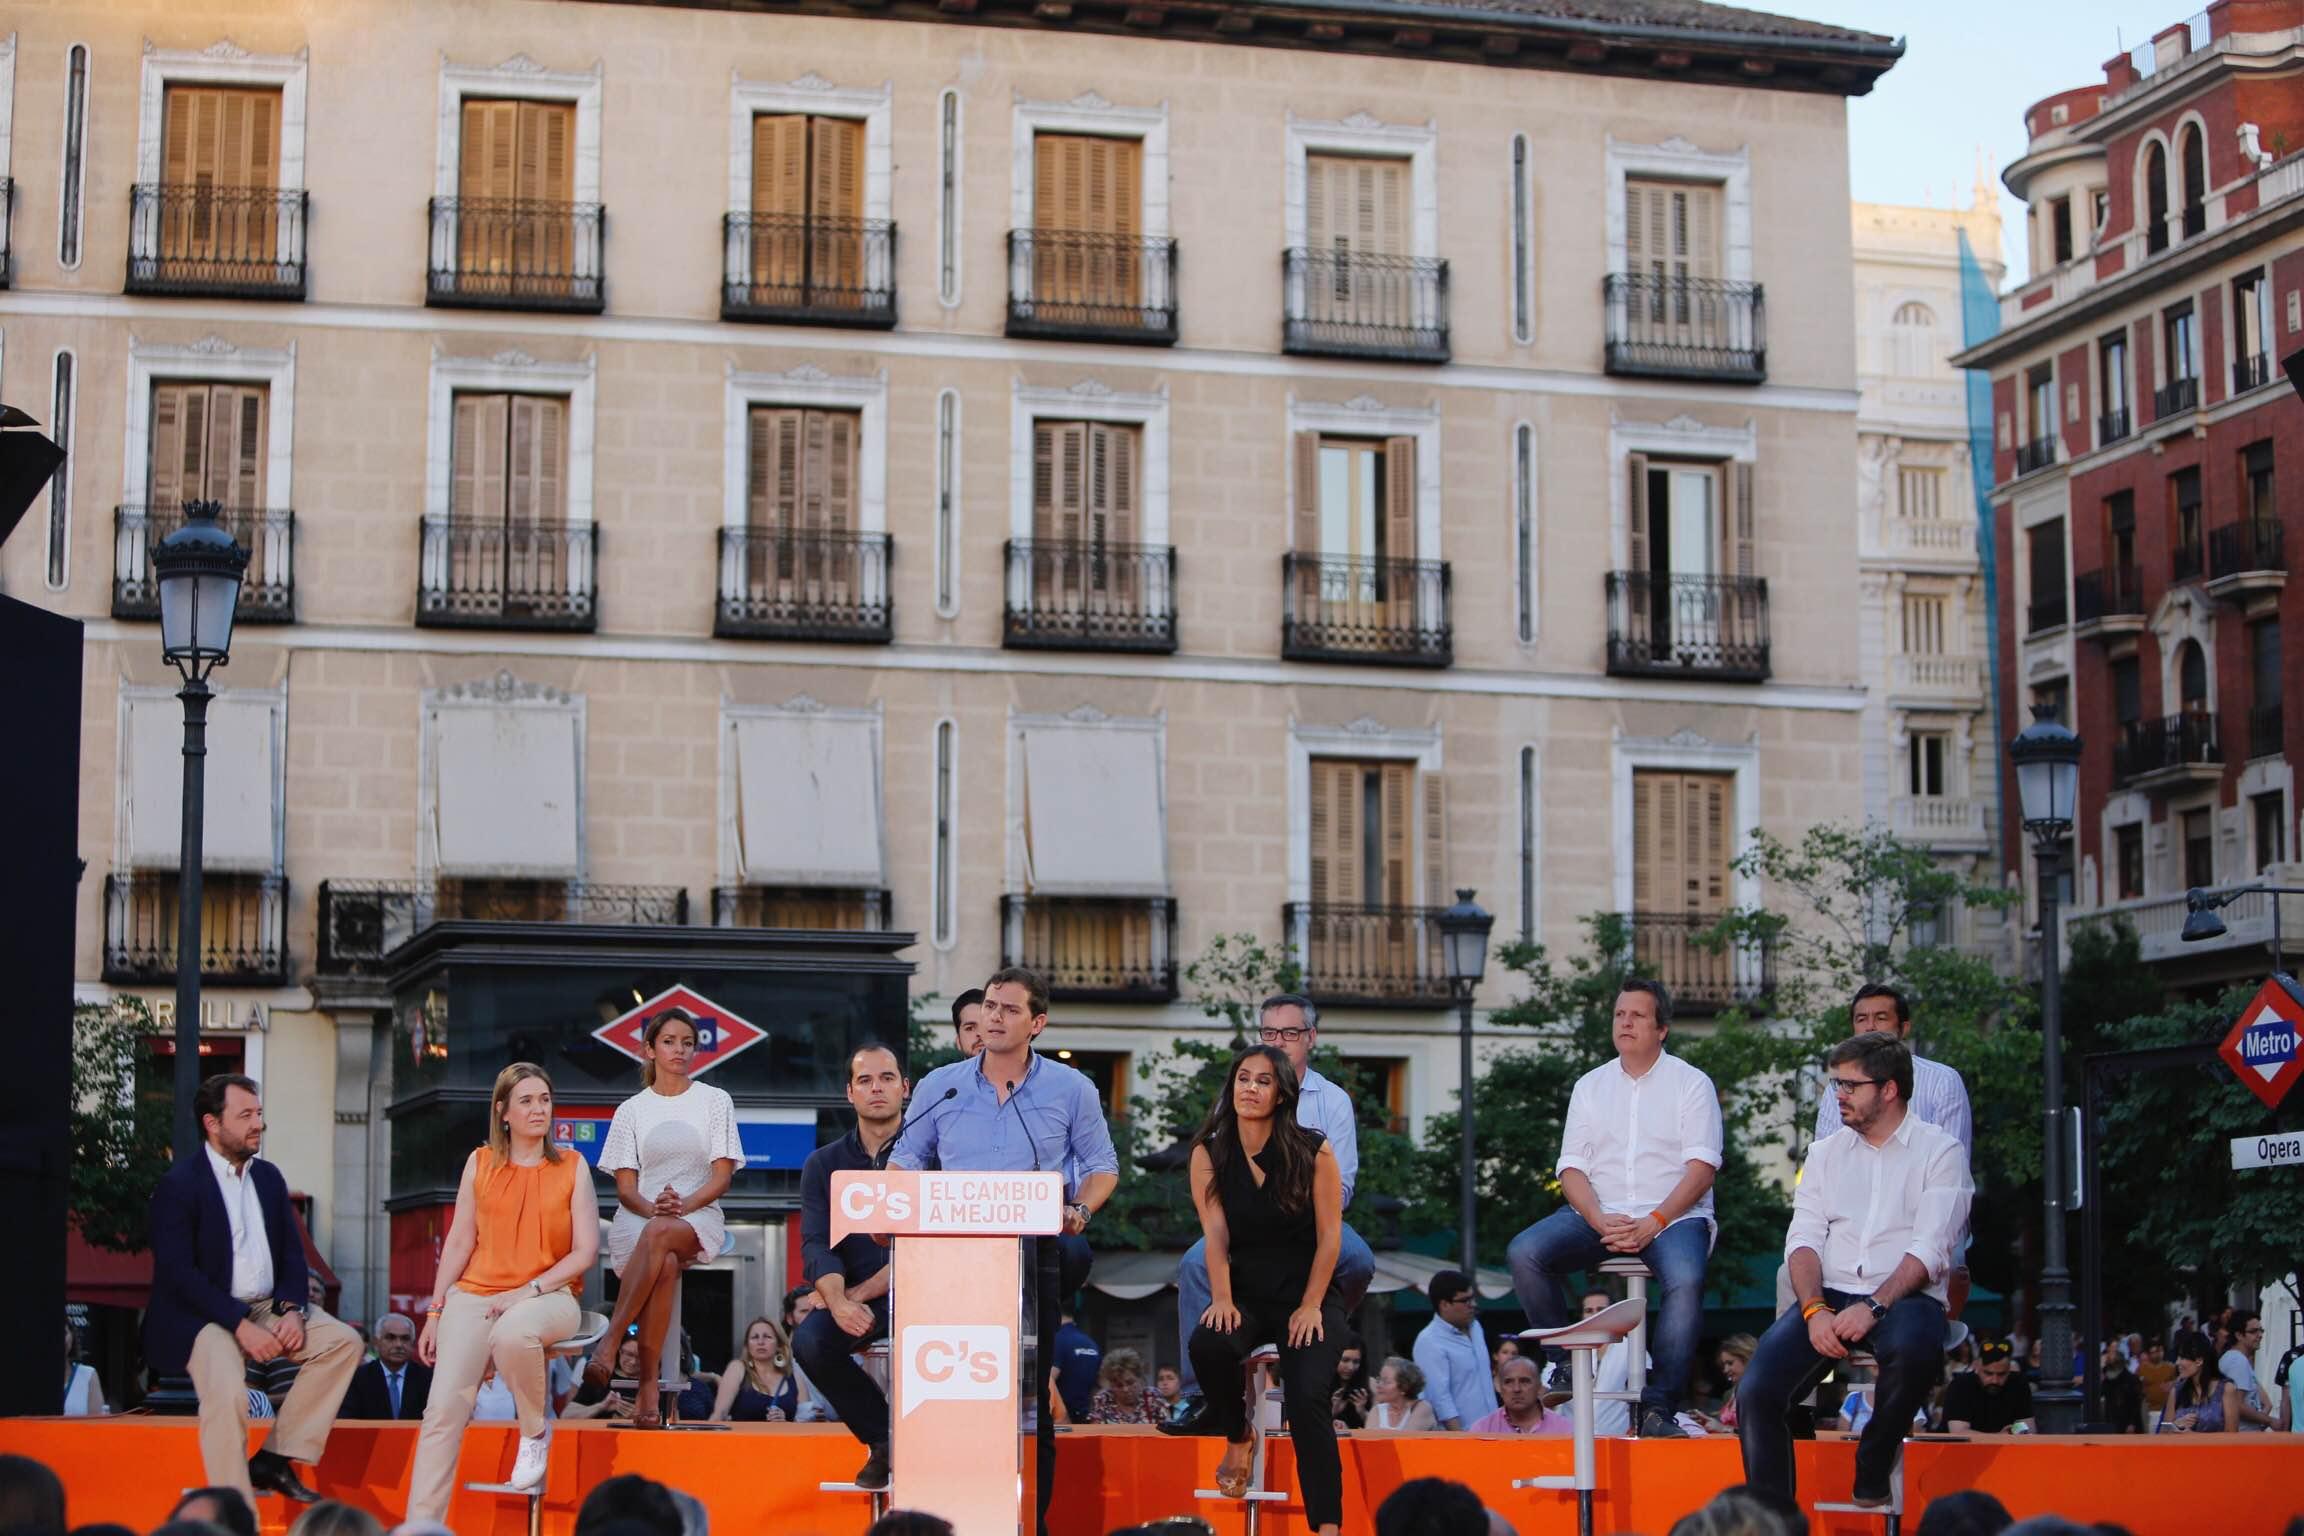 El líder de la formación naranja, Ciutadans Partido de la Ciudadanía Ciudadanos (C's), y candidato a la presidencia del Gobierno de la Nación, Albert Rivera Díaz, junto a los candidatos y miembros de C's hoy durante el acto de cierre de campaña de C's en Plaza de Opera de Madrid. Lasvocesdelpueblo